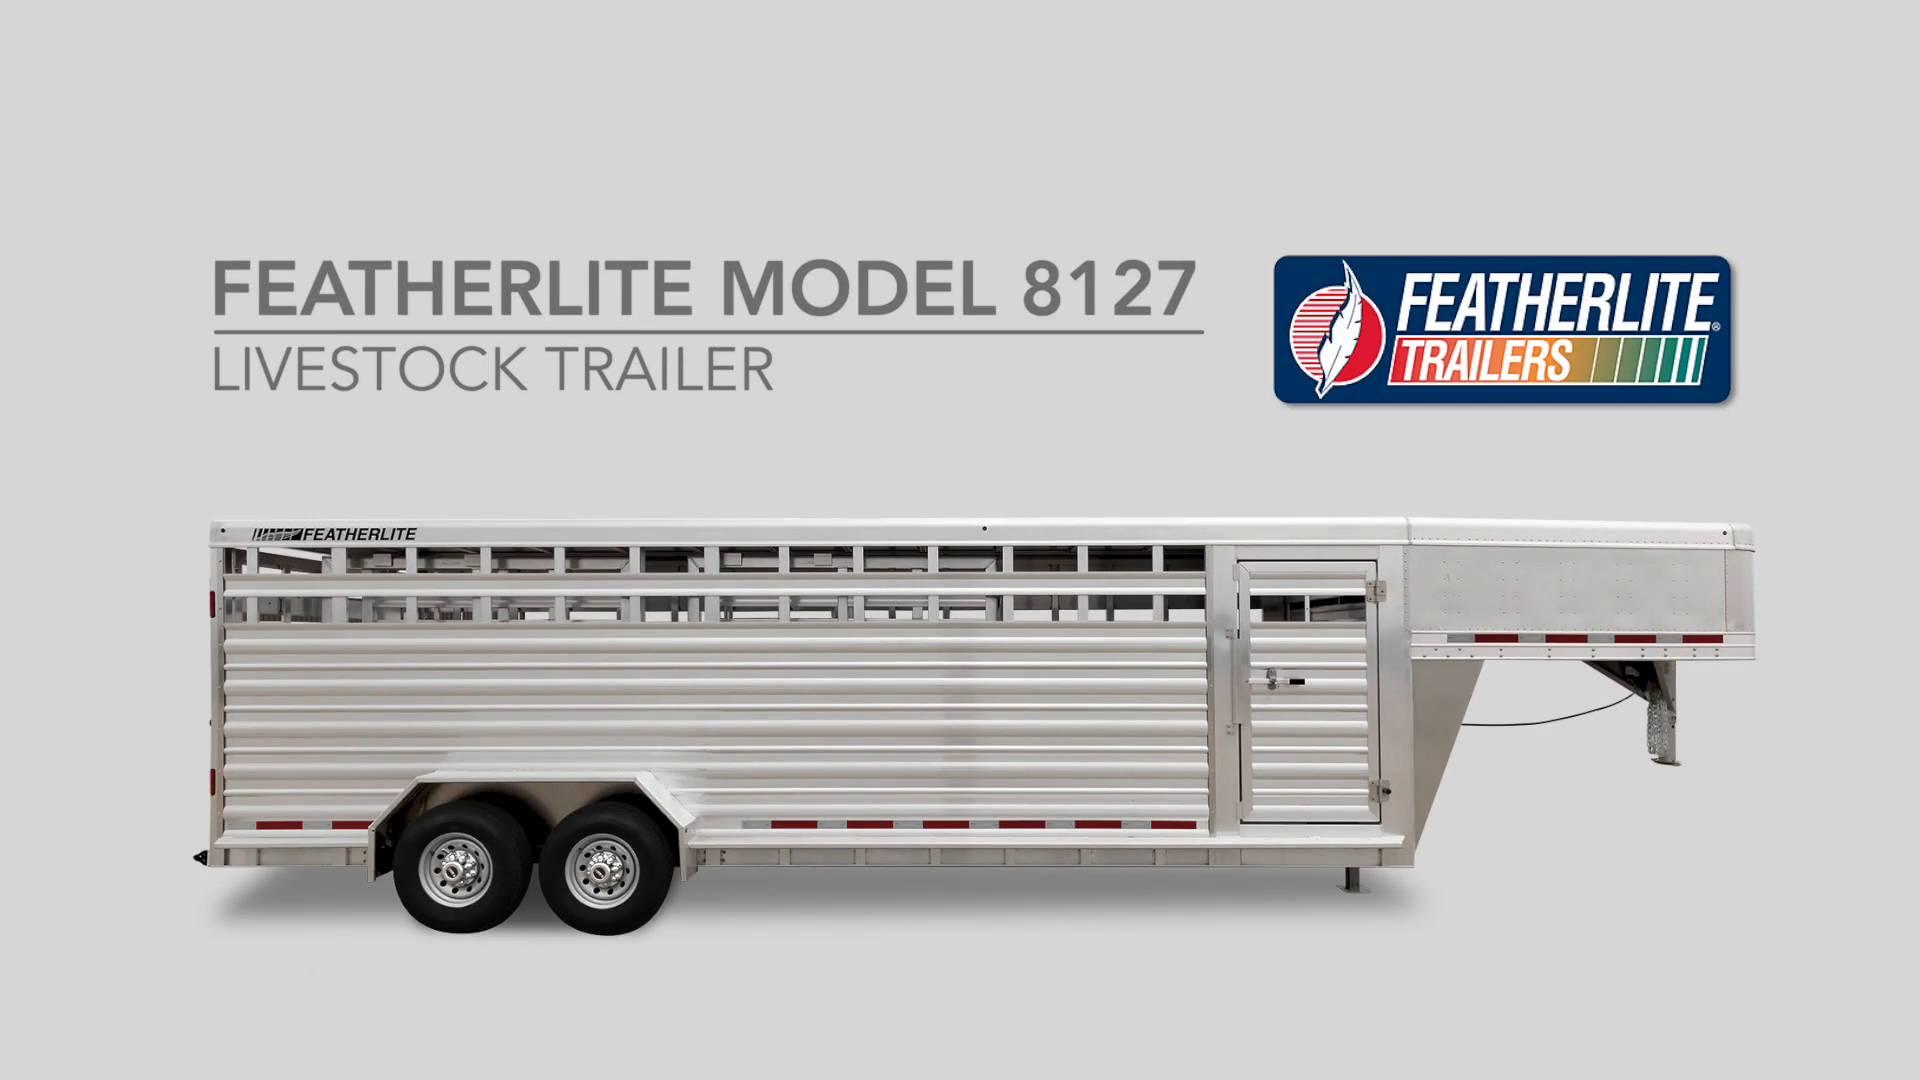 featherlite car trailer wiring diagram 2016 nissan altima somurich